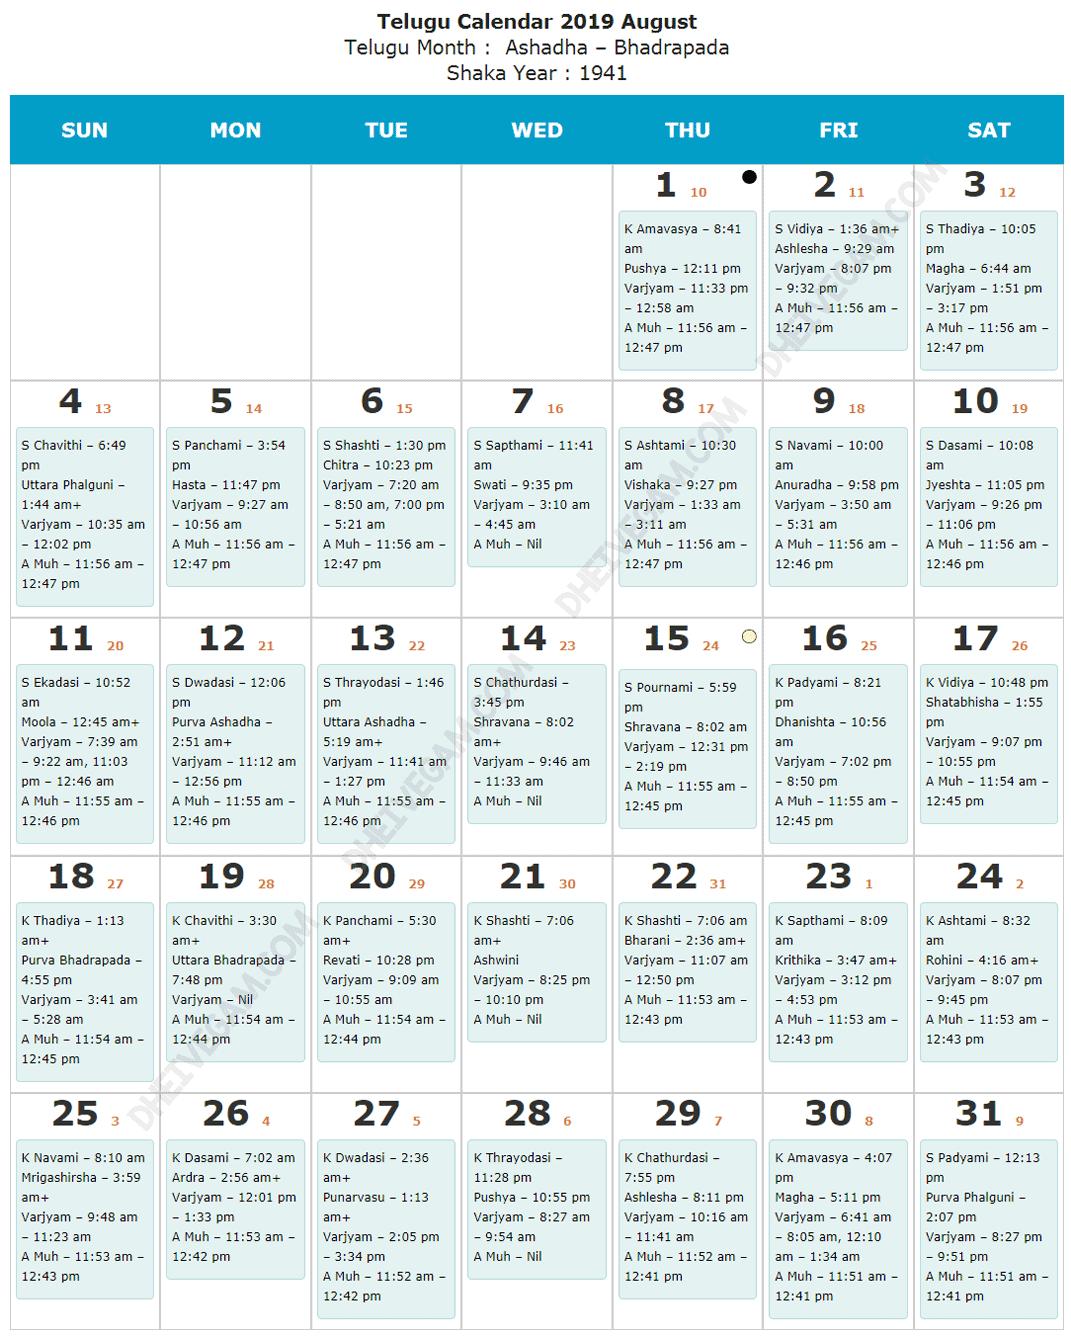 August 2019 Telugu calendar